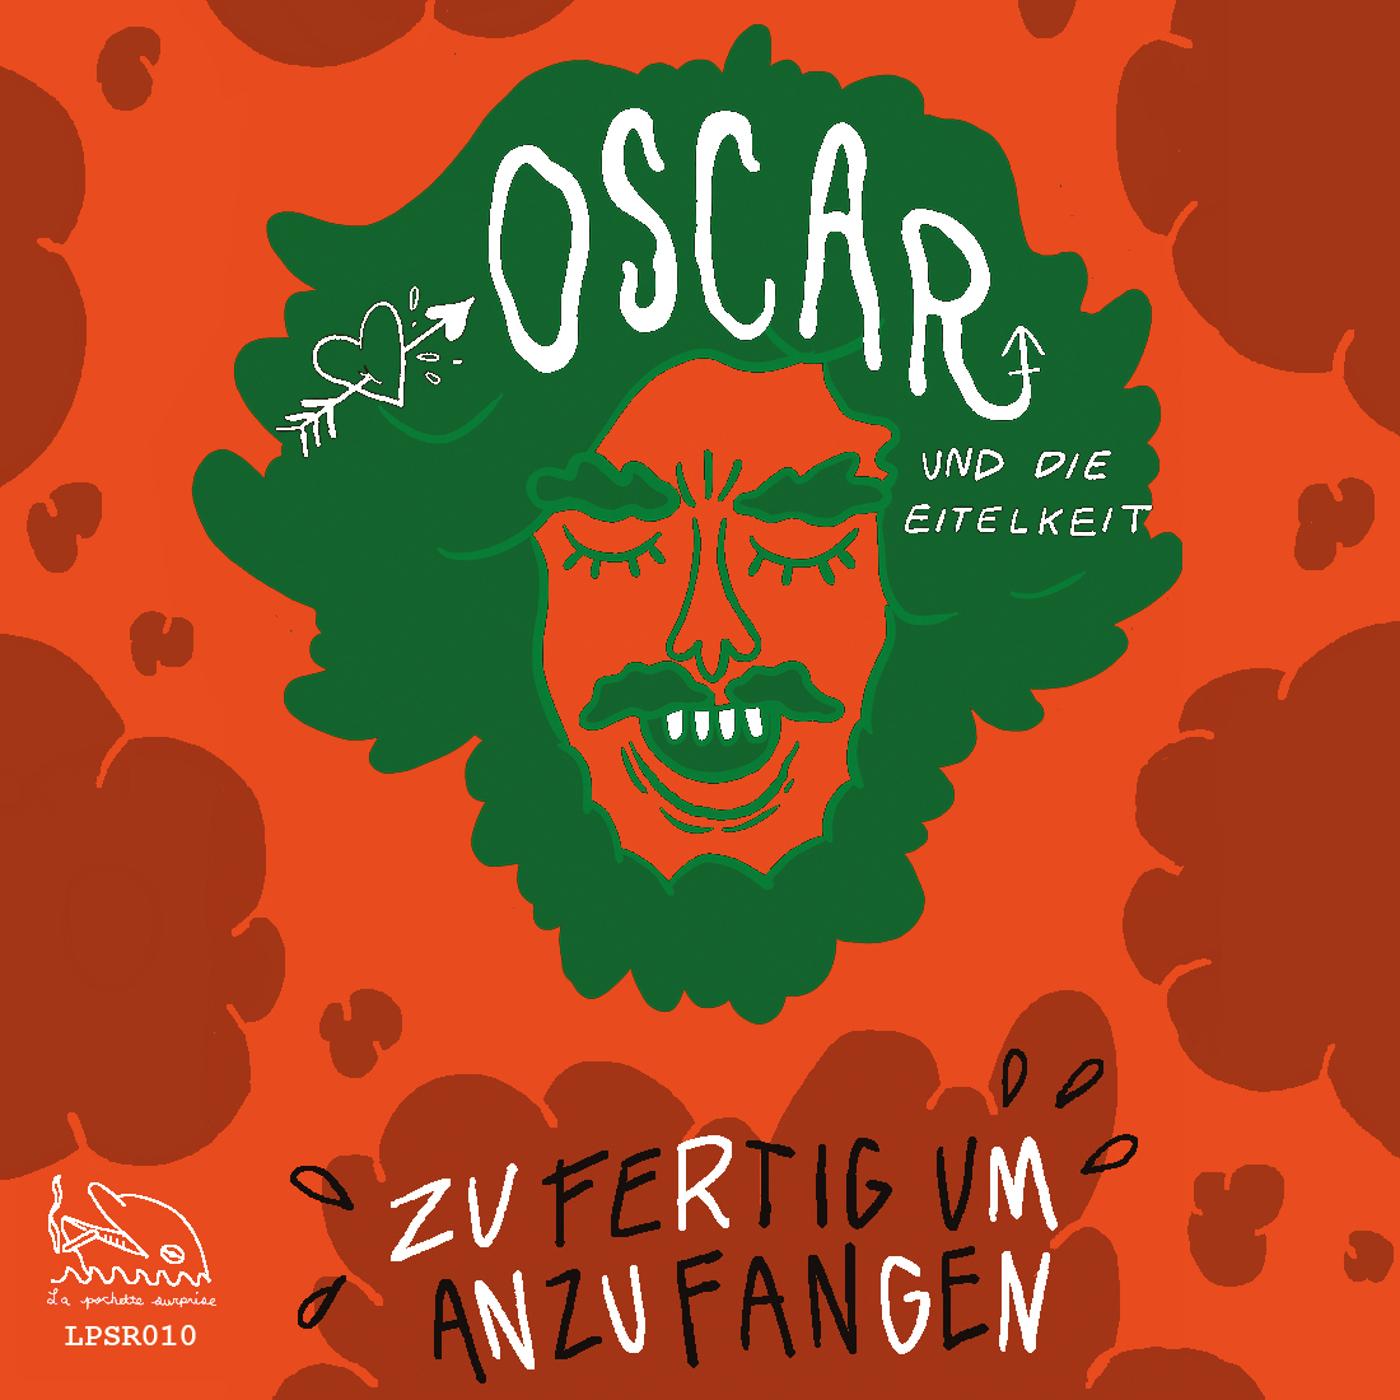 Oscar & die Eitelkeit - Zu Fertig Um Anzufangen